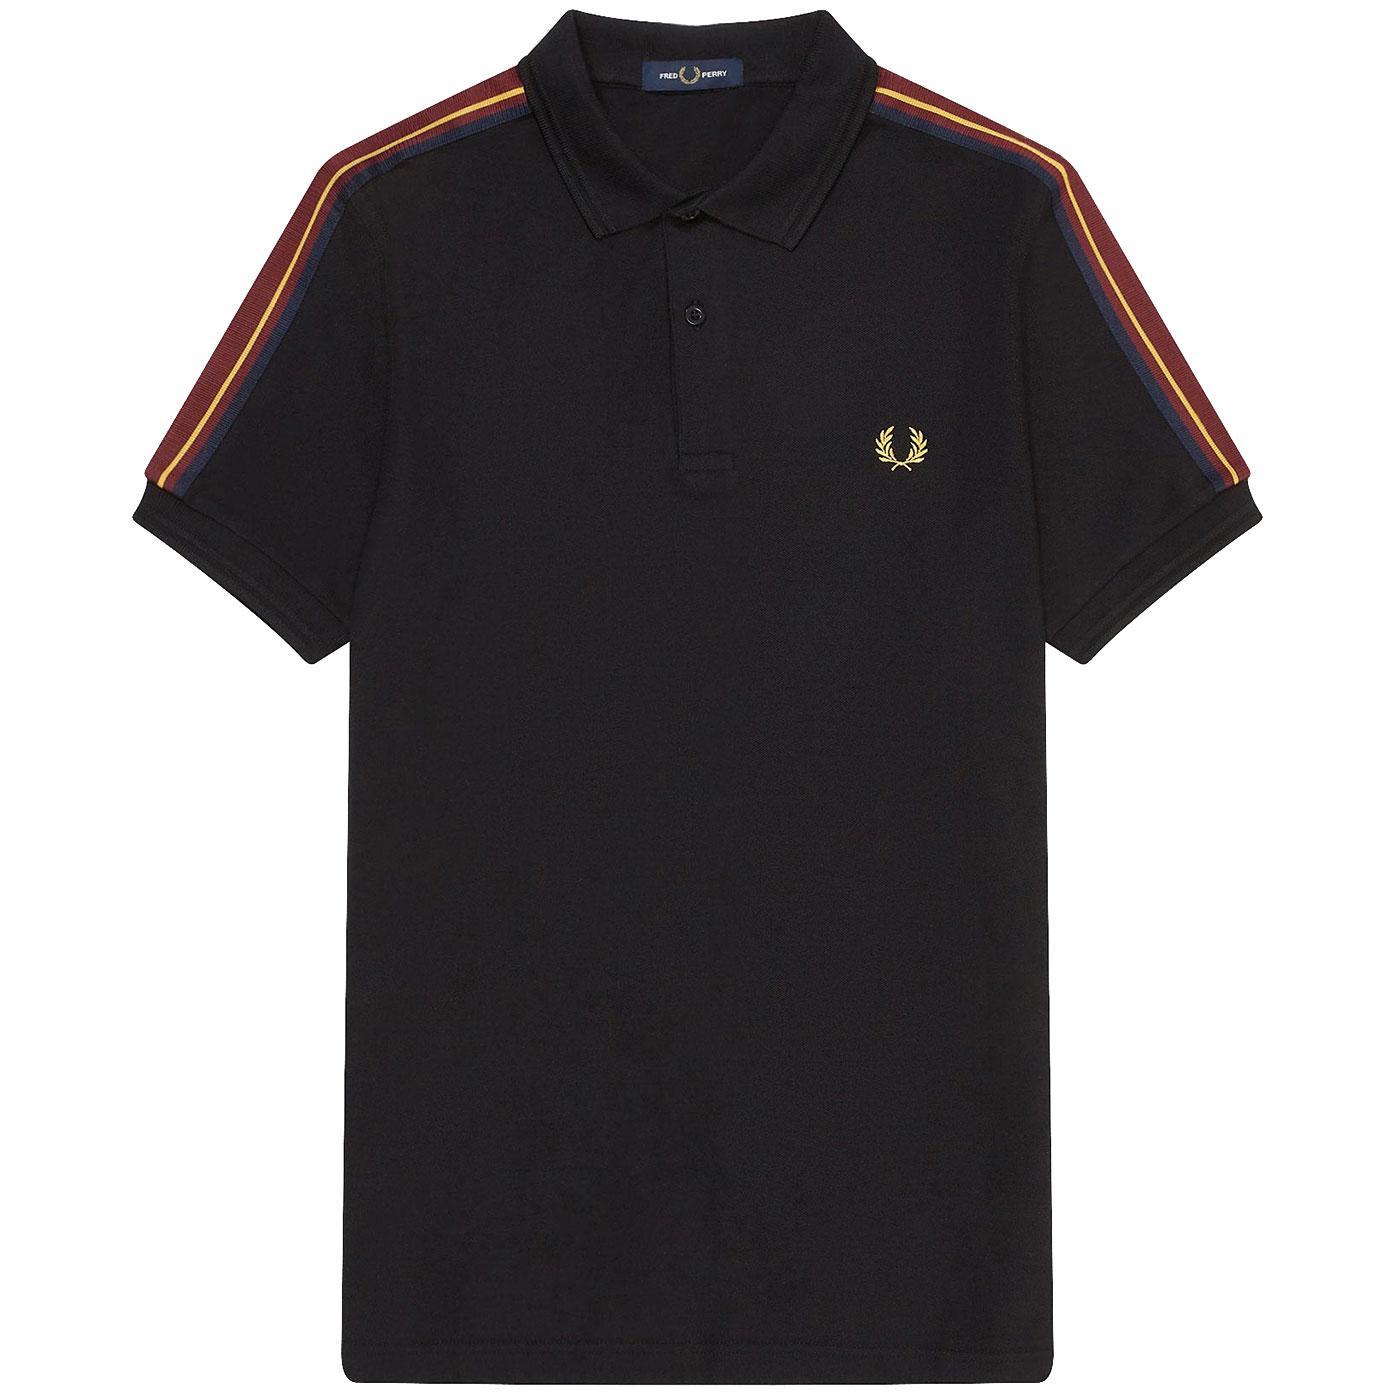 FRED PERRY Retro Tape Shoulder Pique Polo Shirt